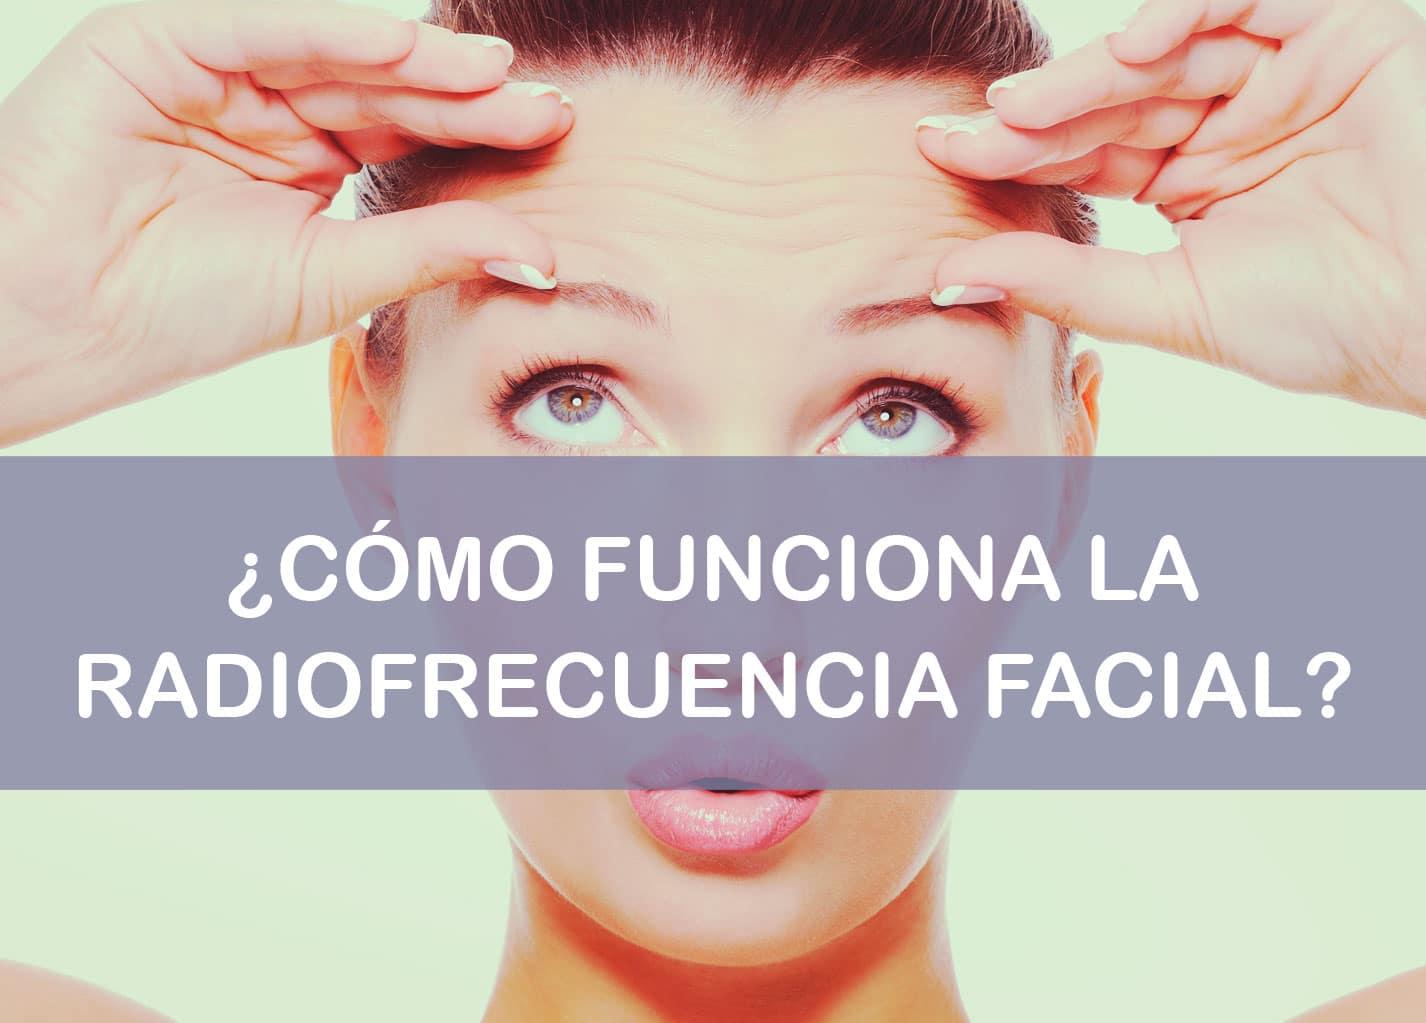 cómo funciona la radiofrecuencia facial